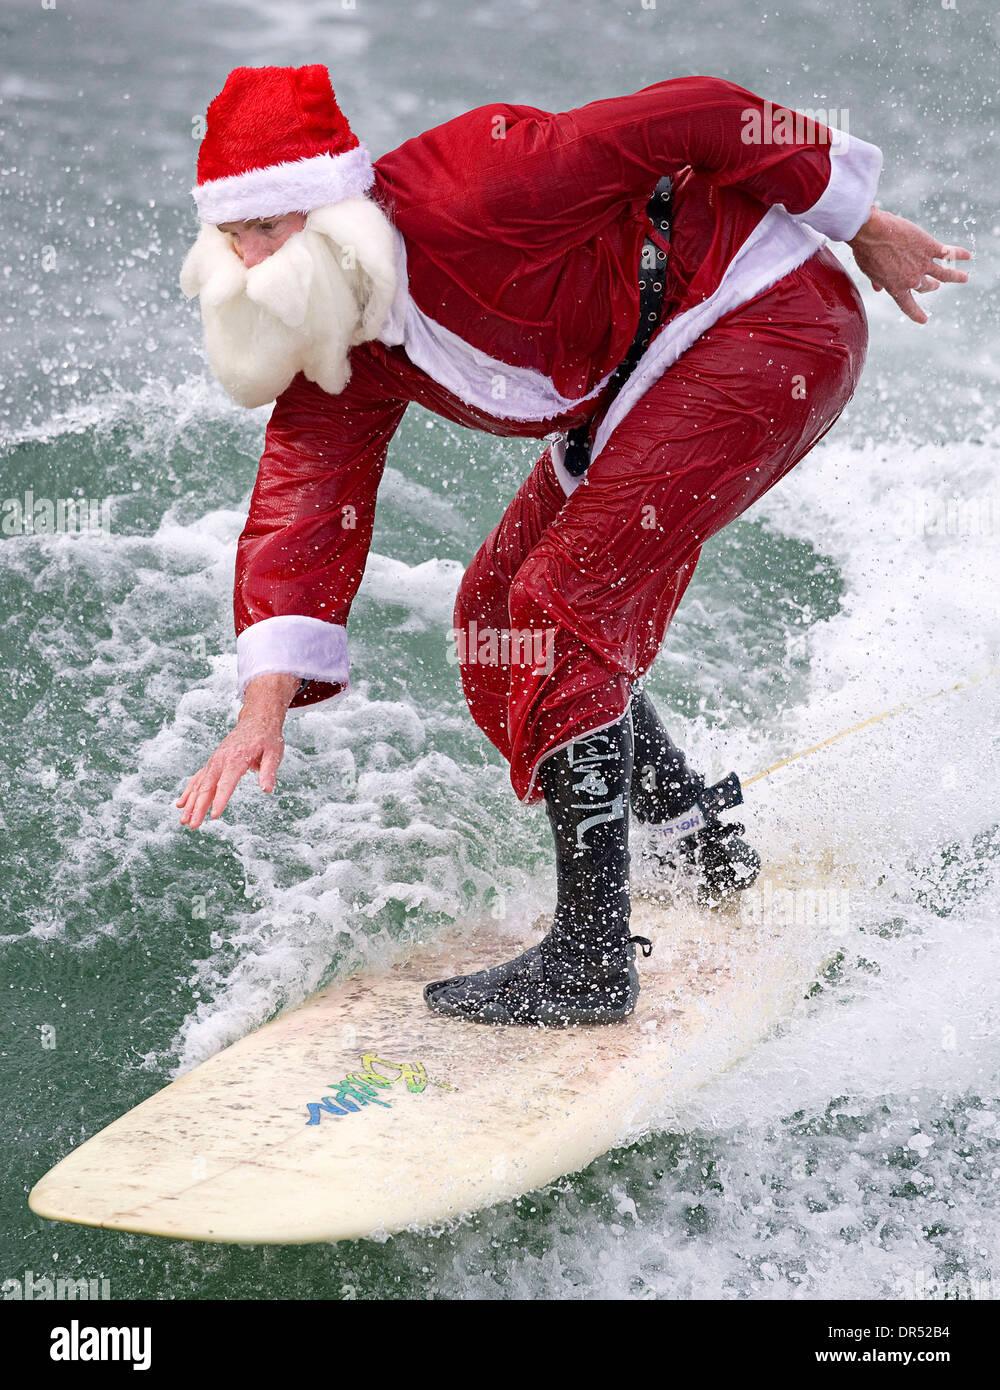 Dec 17, 2008 - en Pismo Beach, California, EE.UU. - SANTA CLAUS se va de vacaciones en la Costa Central de California Foto de stock